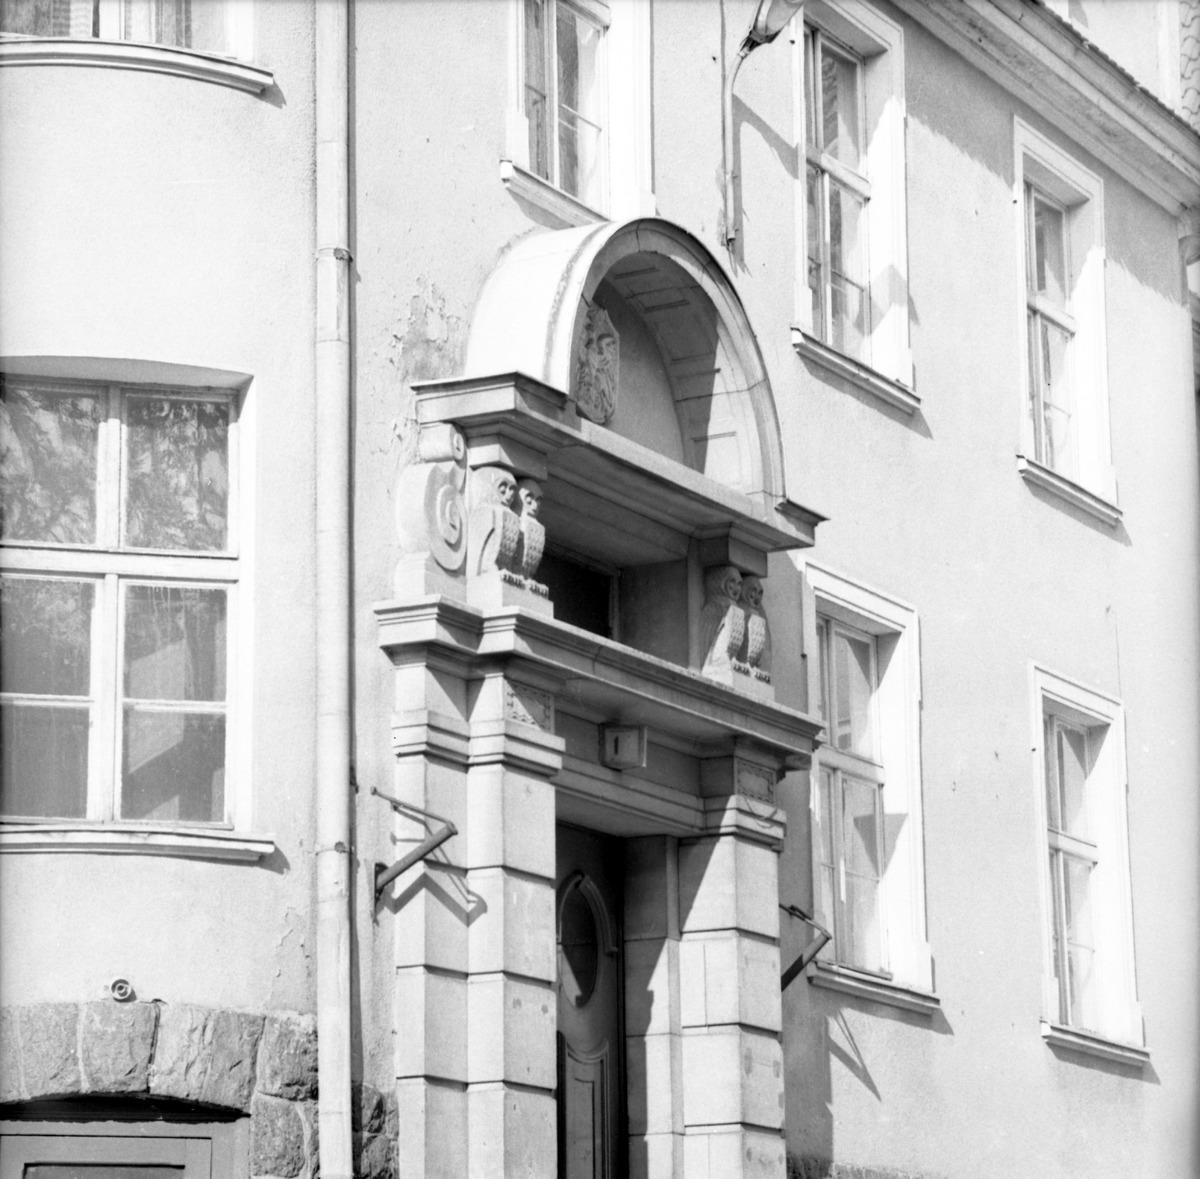 Wejście główne do Urzędu Miejskiego